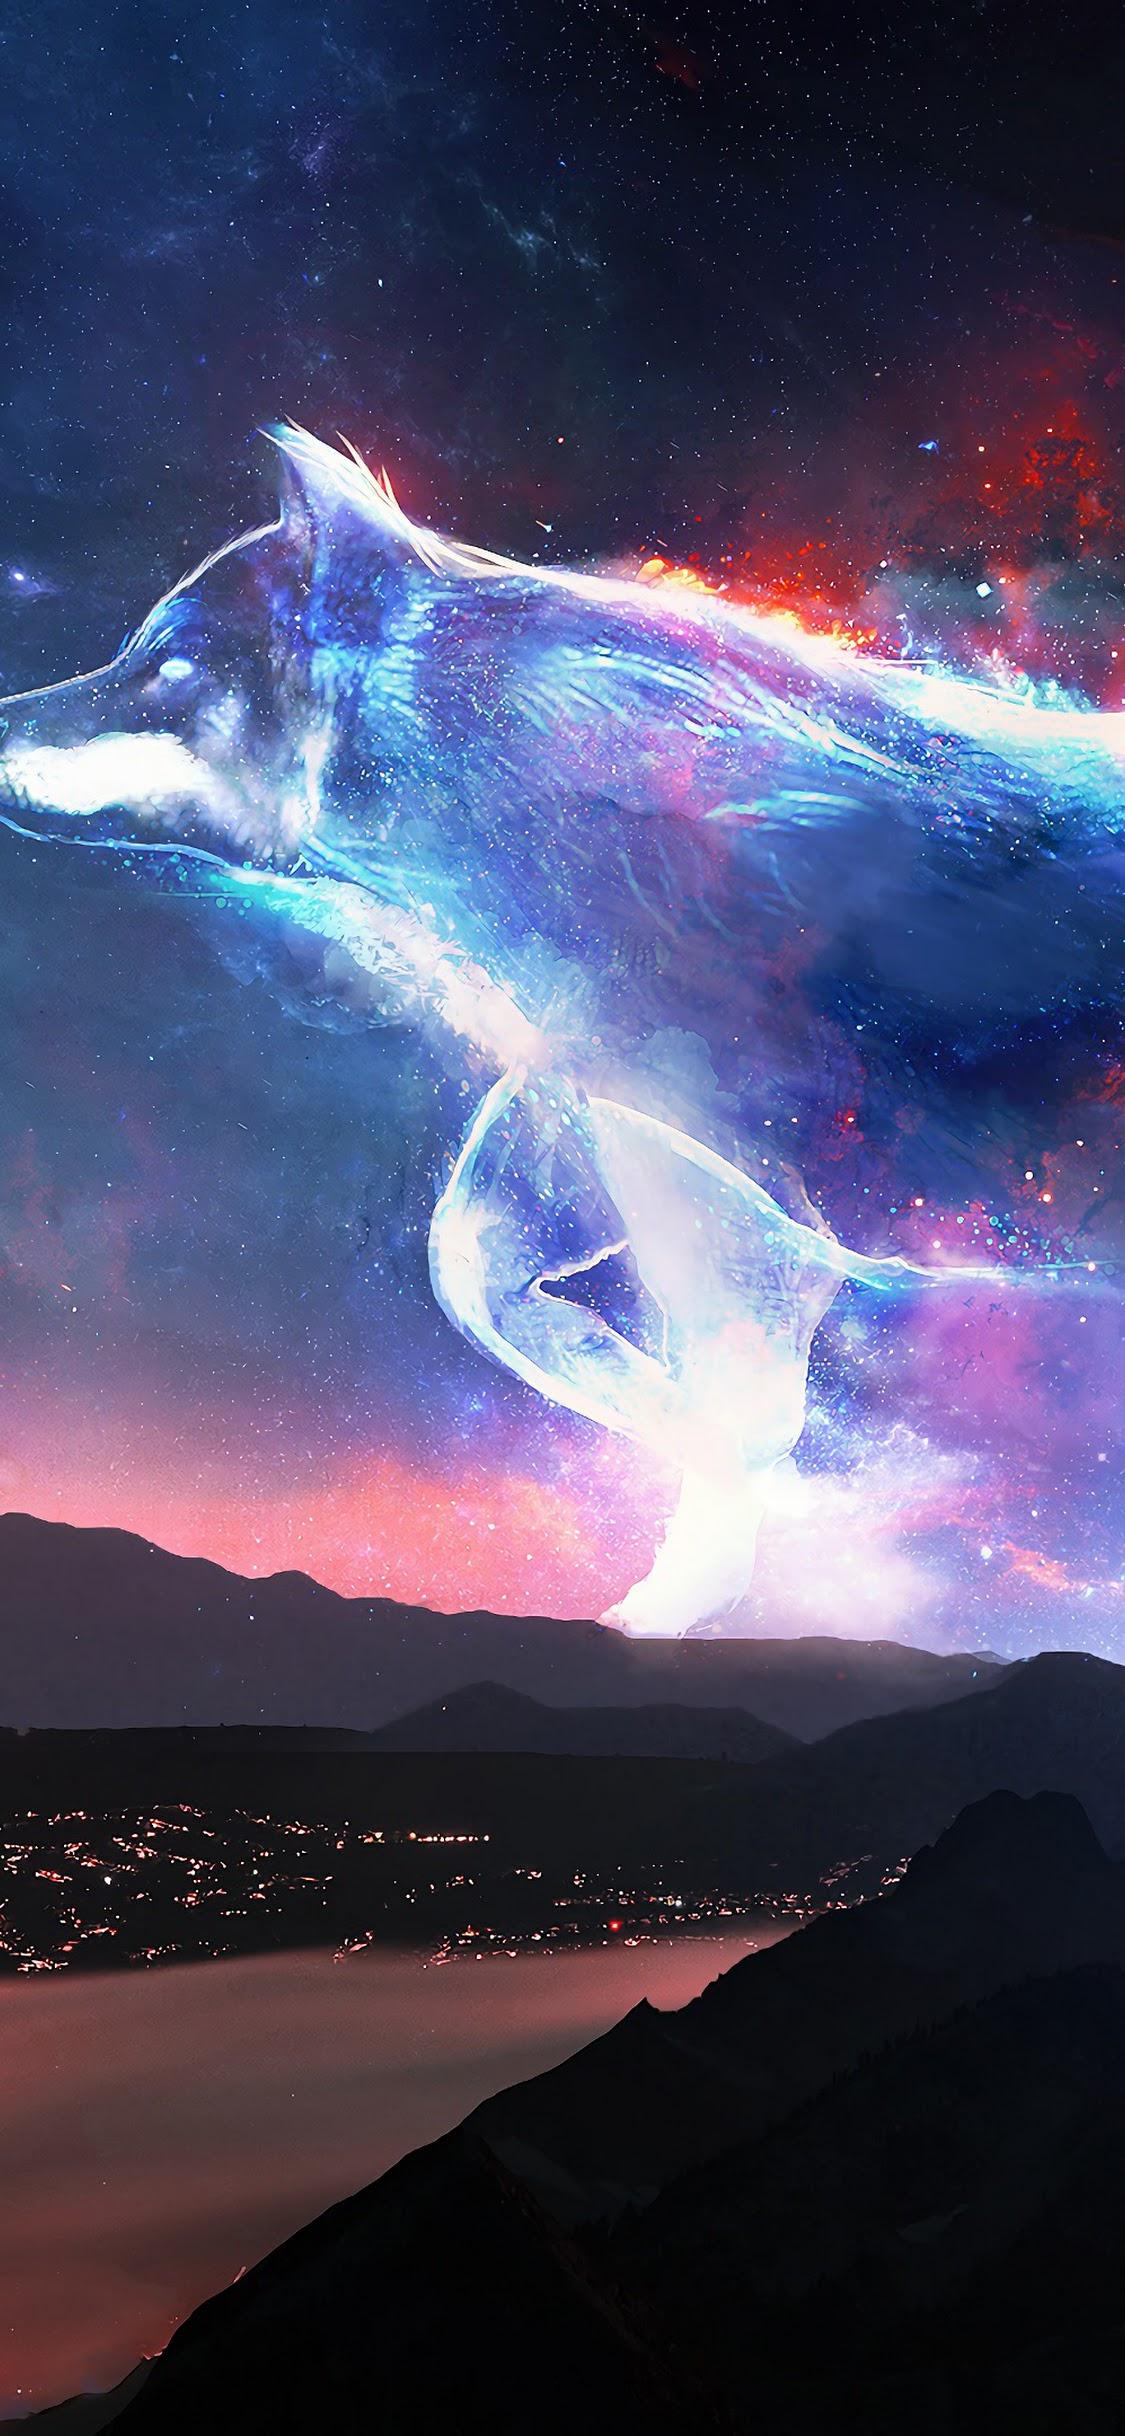 Wolf Fantasy Art 4k 3840x2160 Wallpaper 61